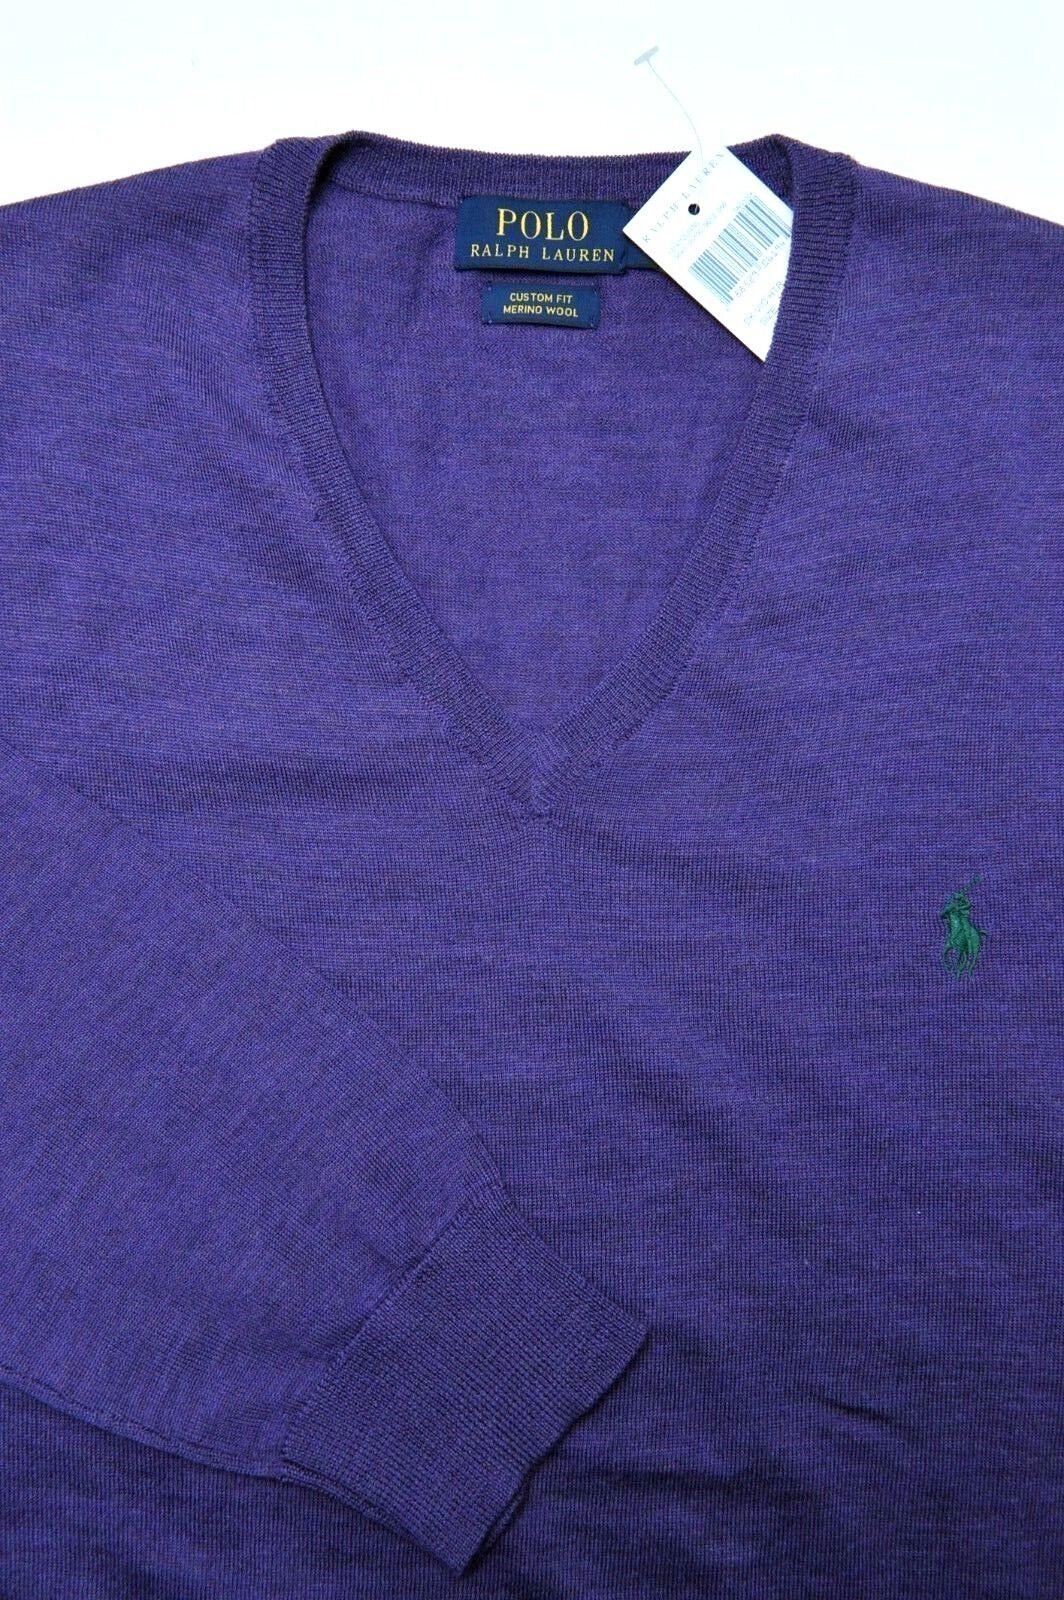 Polo Ralph Lauren Mens Custom Merino Wool V-neck Pullover Sweater ...